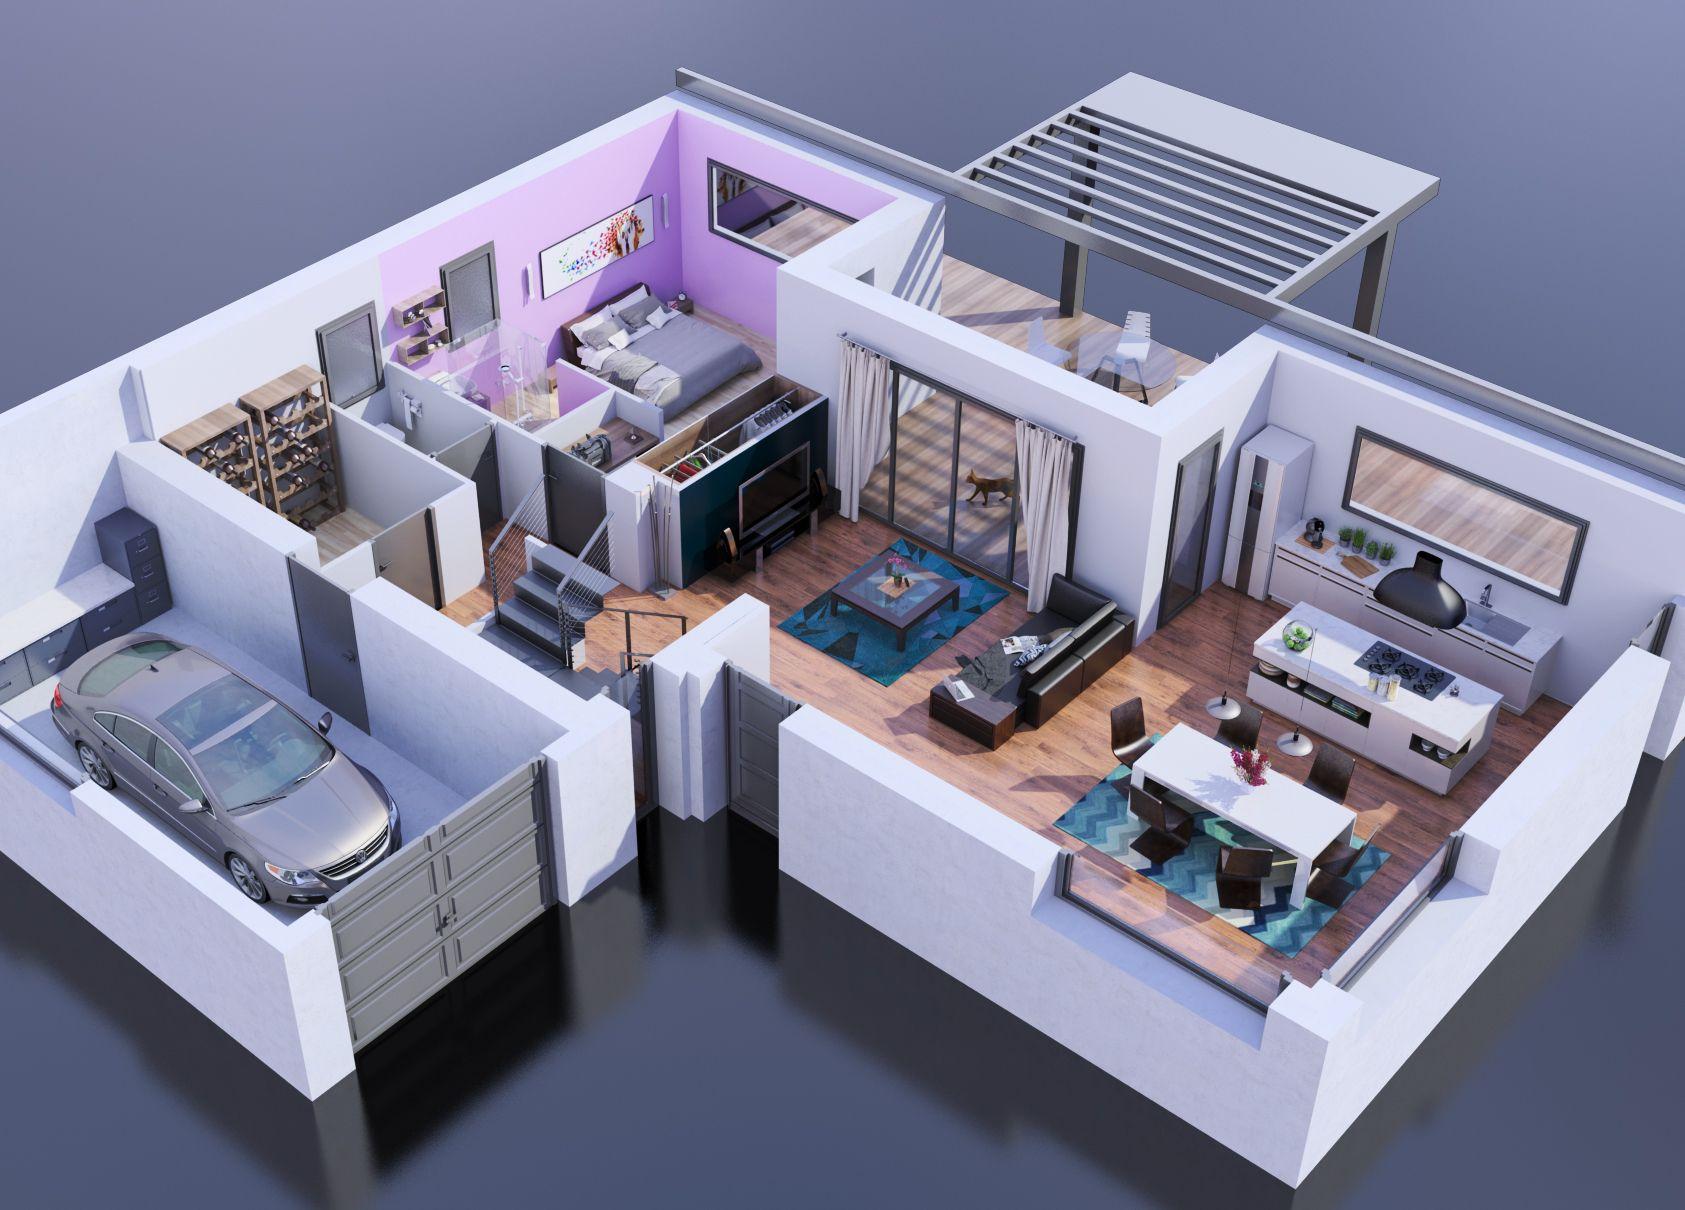 Modèle De Maison Maison Bois   3 Chambres Plus Suite Parentale Présenté Sur  ConstruireSaMaison.com